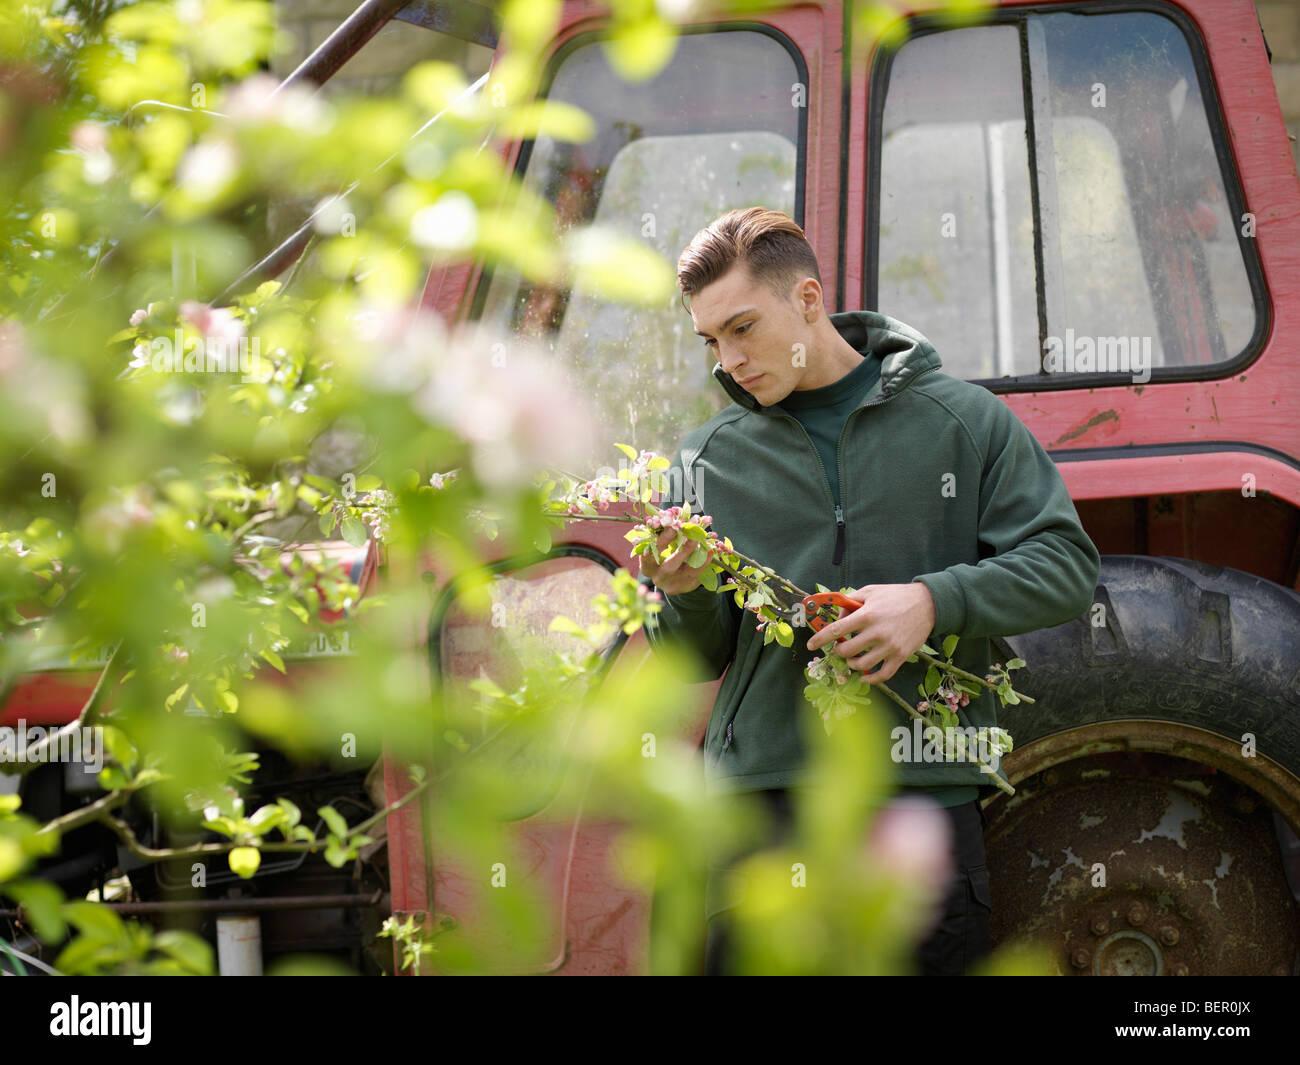 Man sammelt Blossom im Obstgarten Stockbild